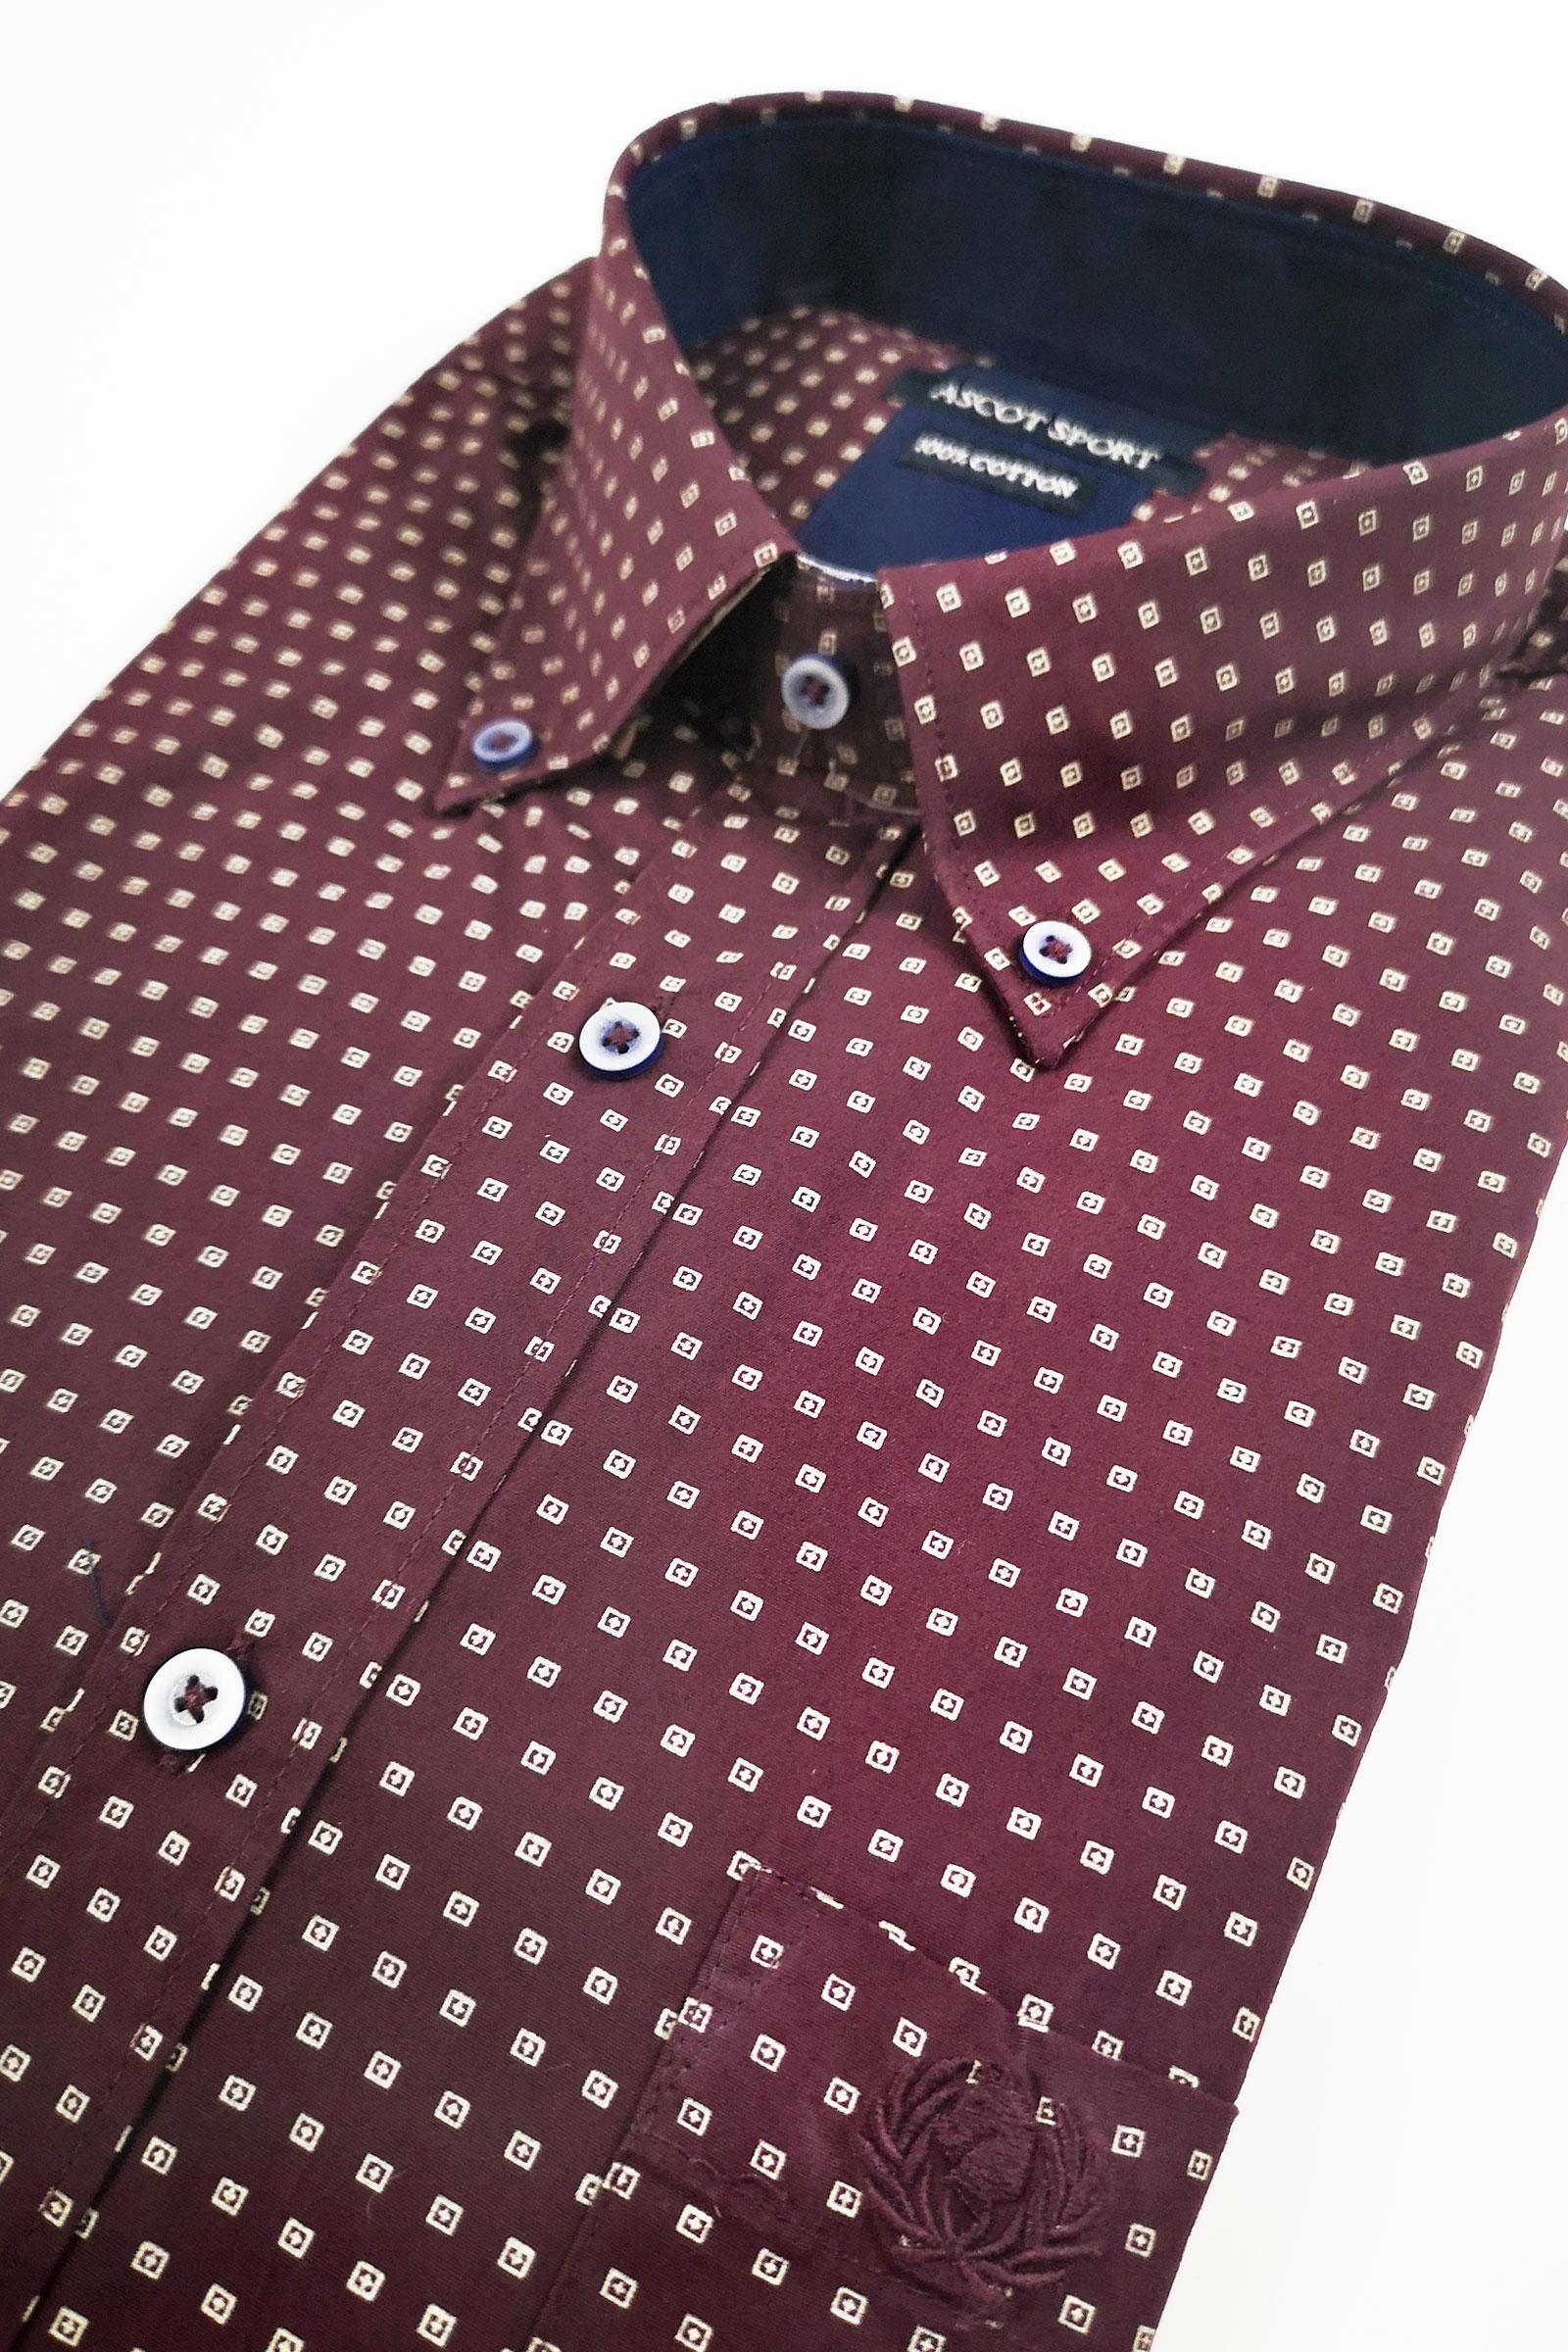 ASCOT Men's Shirt ASCOT | Shirt | 15869-20418